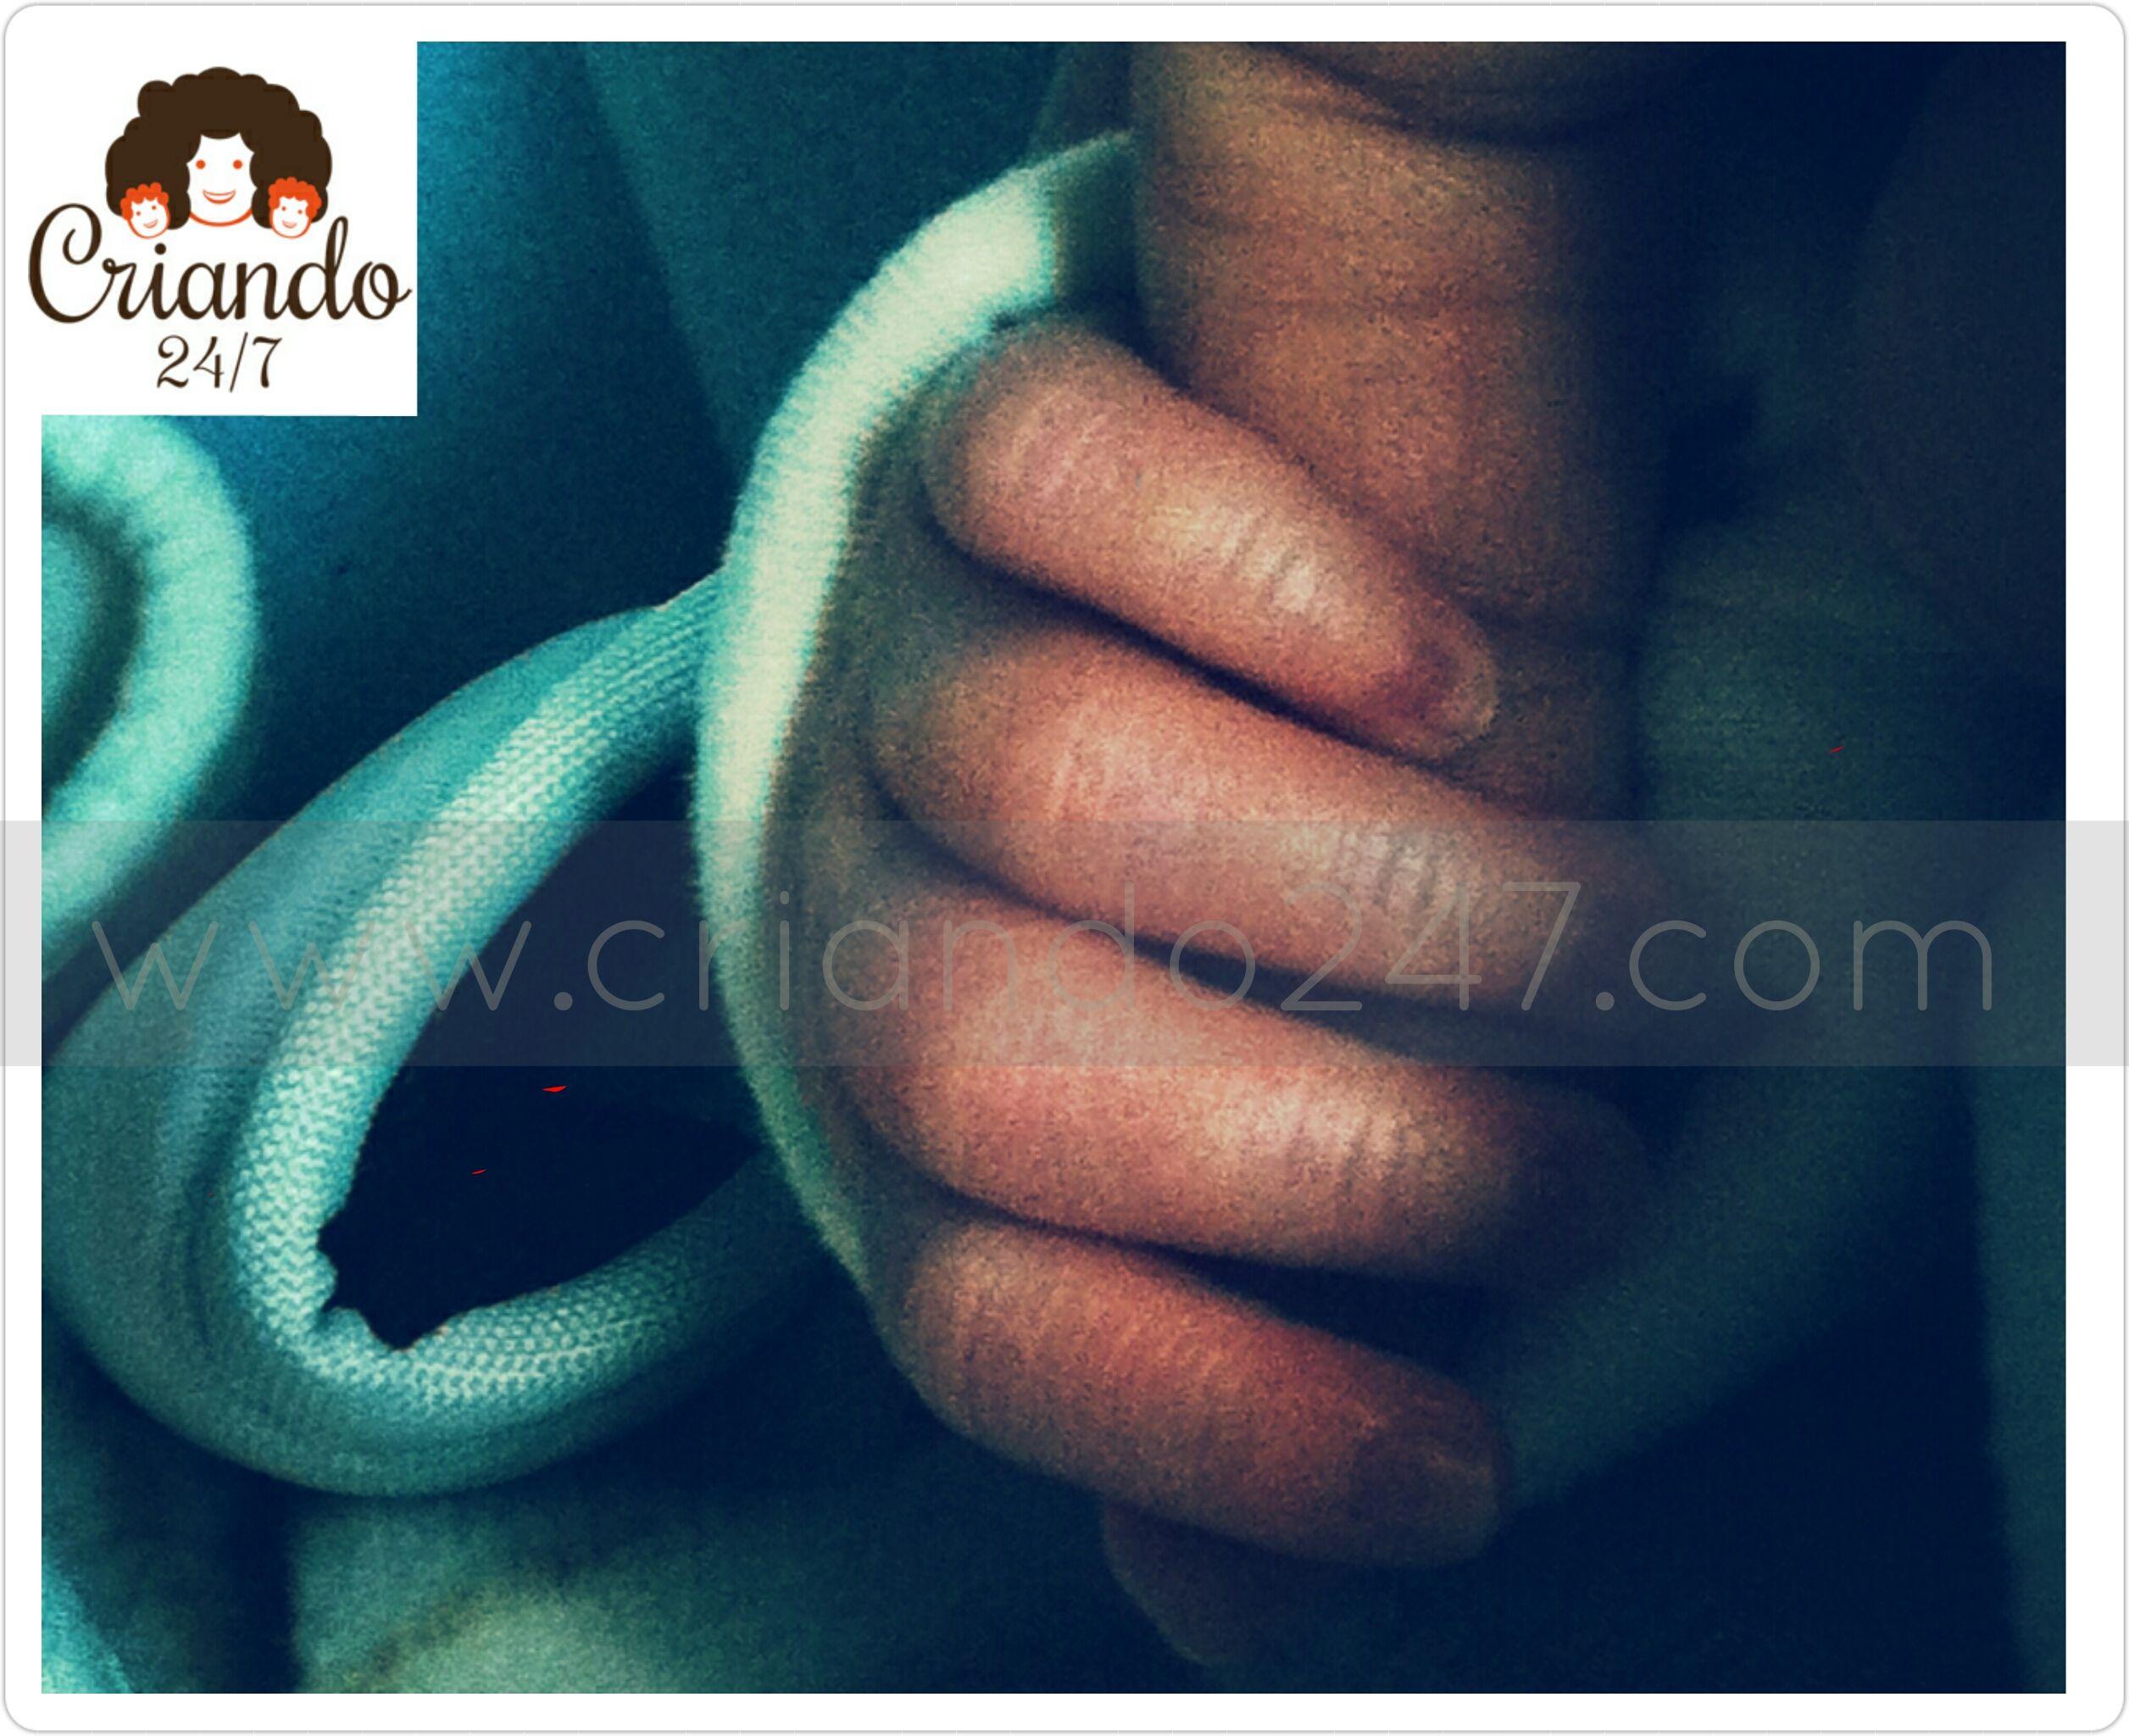 la mano de mi hijo con 15 días de edad, cogiendo mi dedo índice